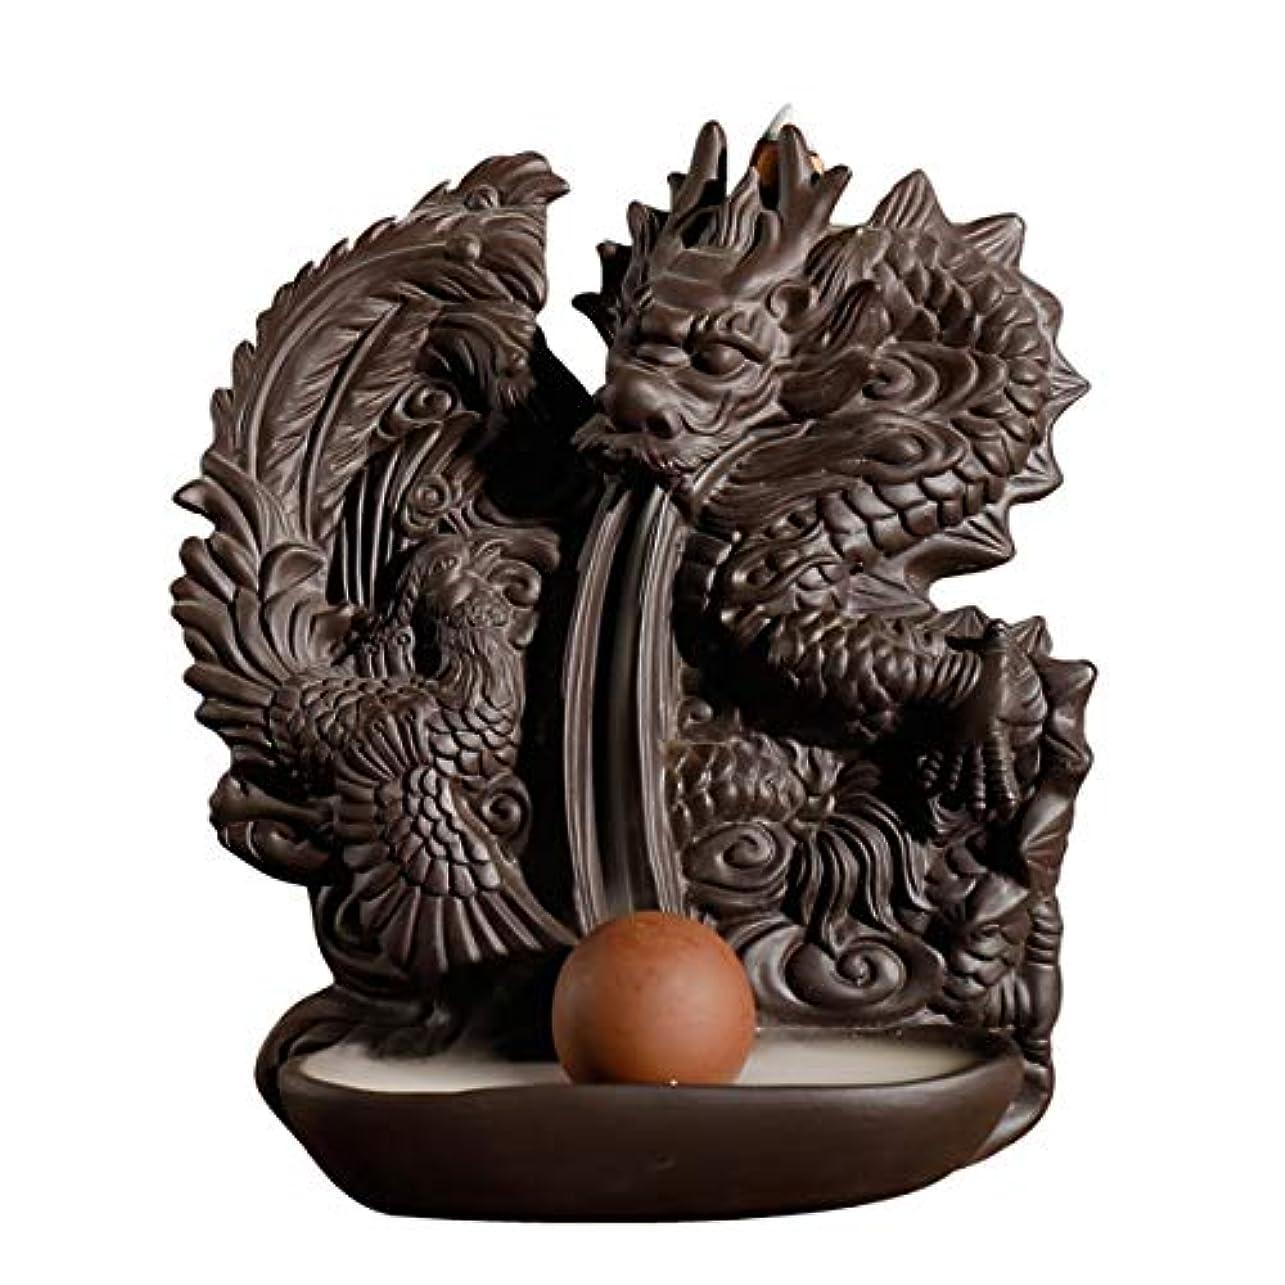 面倒翻訳者サイズドラゴン逆流香バーナー手作りセラミックドラゴン香ホルダービーズ香コーン理想的なギフト家の装飾